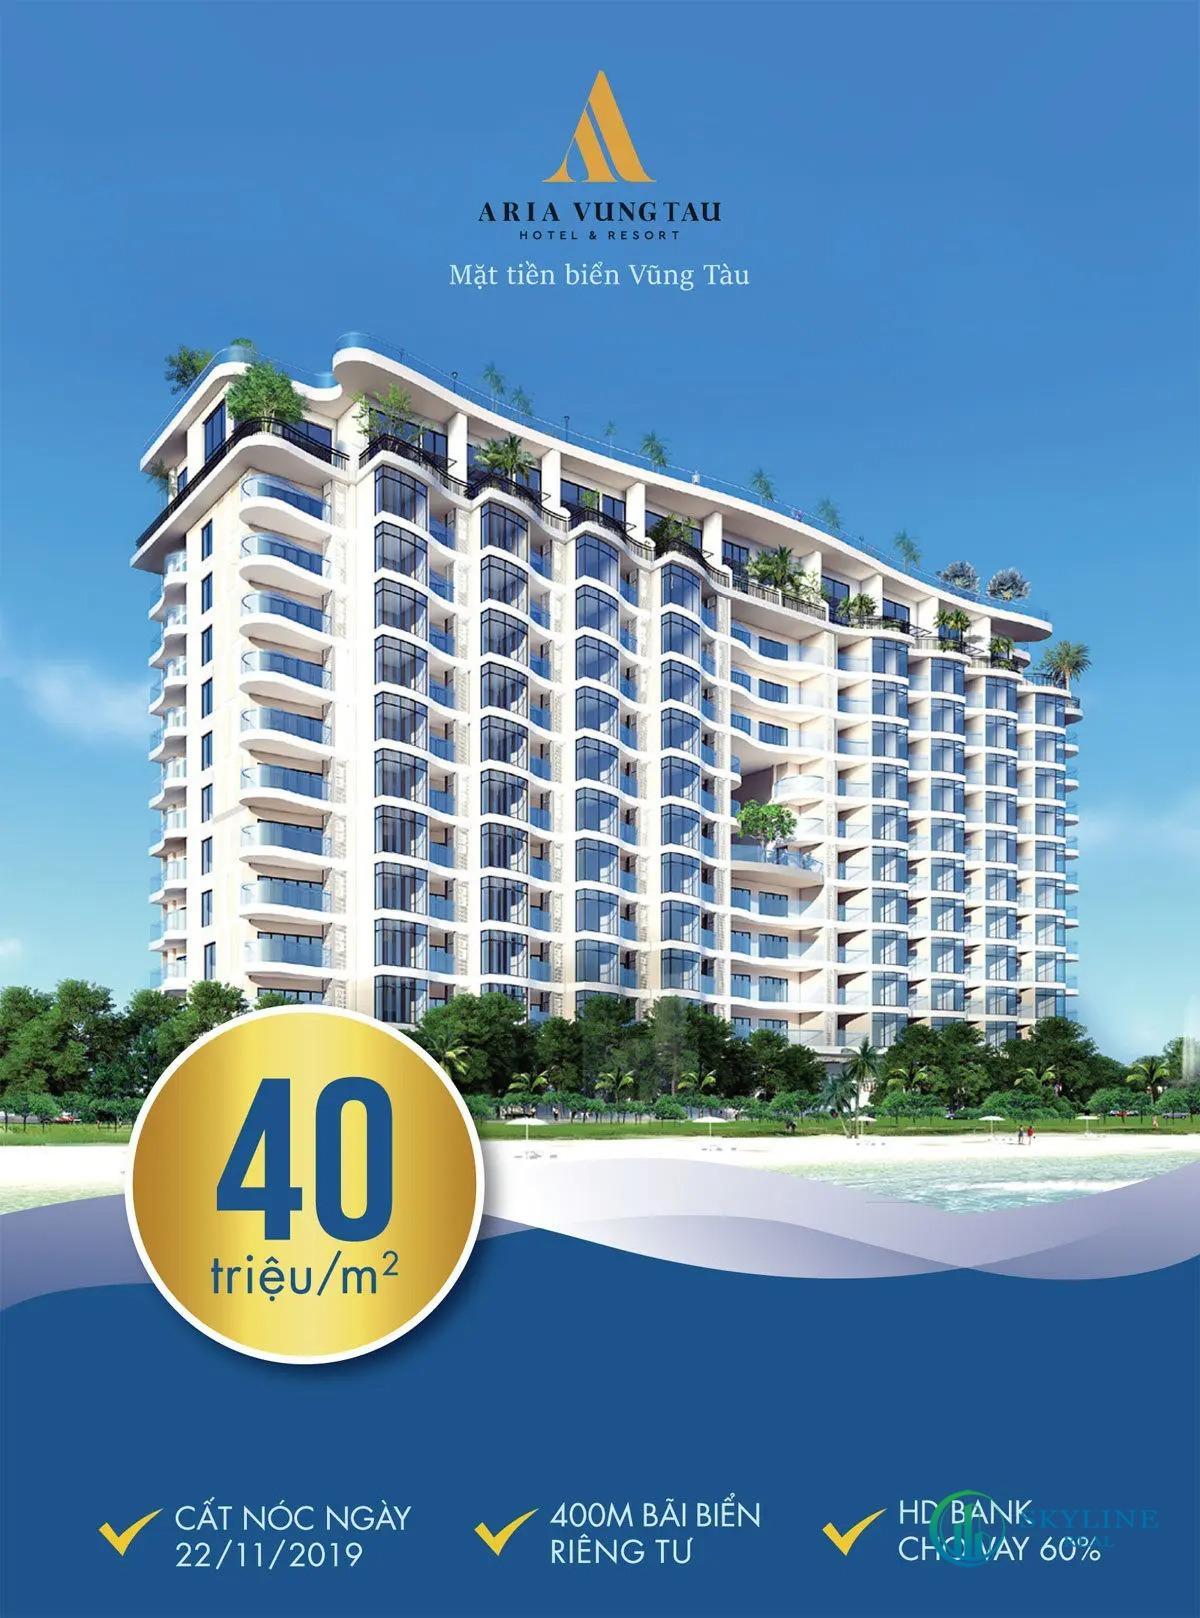 Giá bán căn hộ Aria Vũng Tàu cập nhật tháng 09/2021